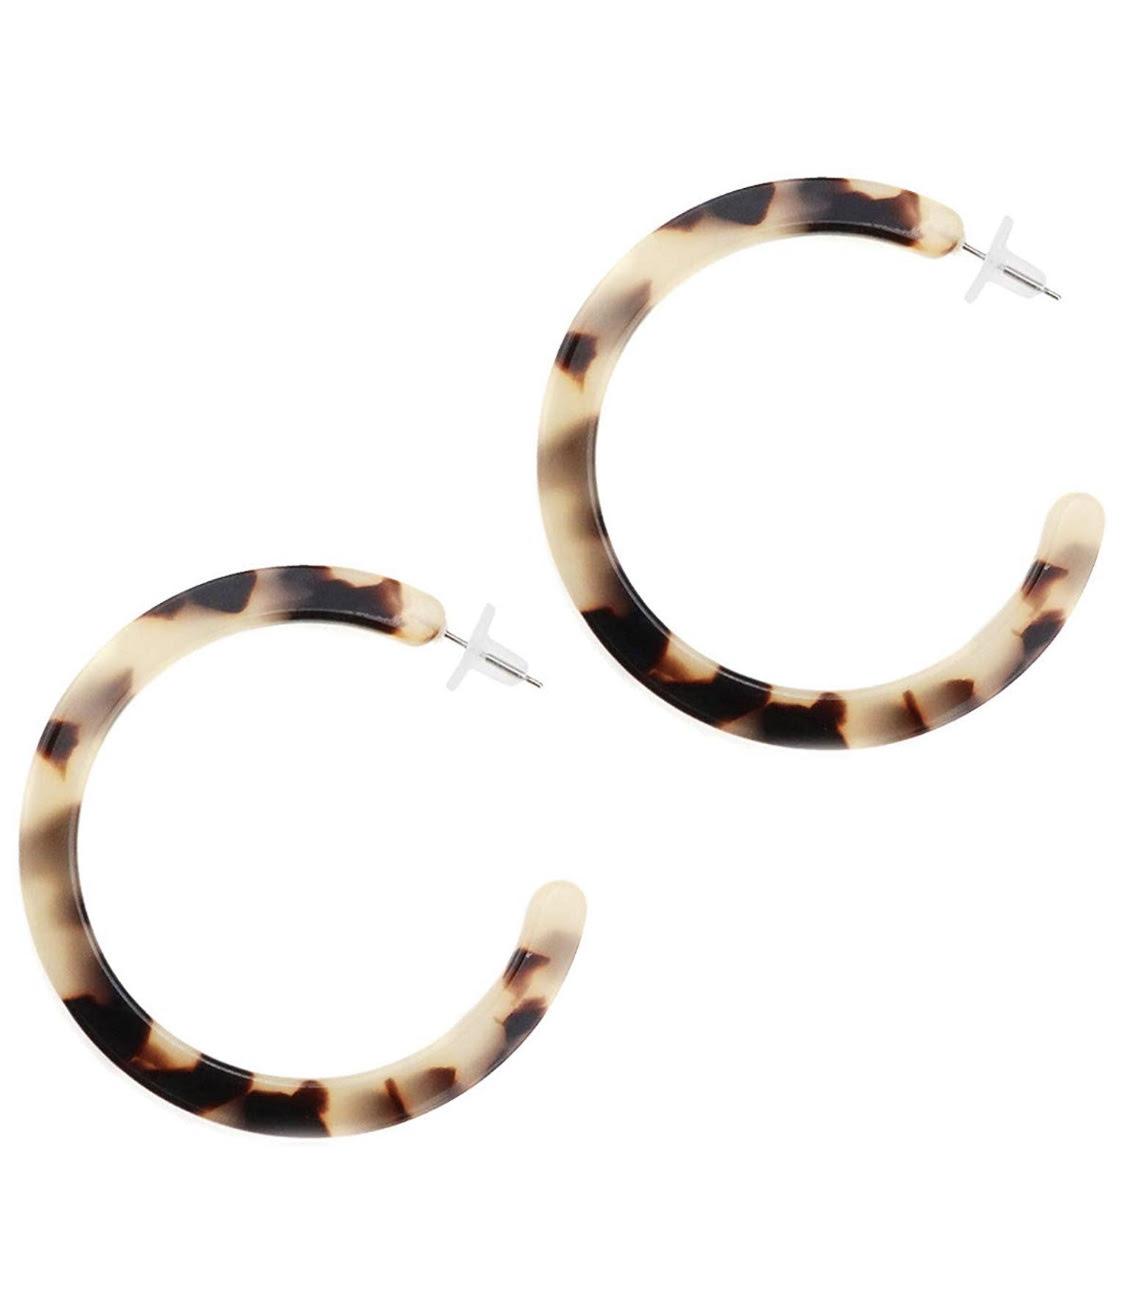 Gleamart Mottled Acrylic Hoop Earrings Tortoise Shell Resin Circle Stud Earrings for Women